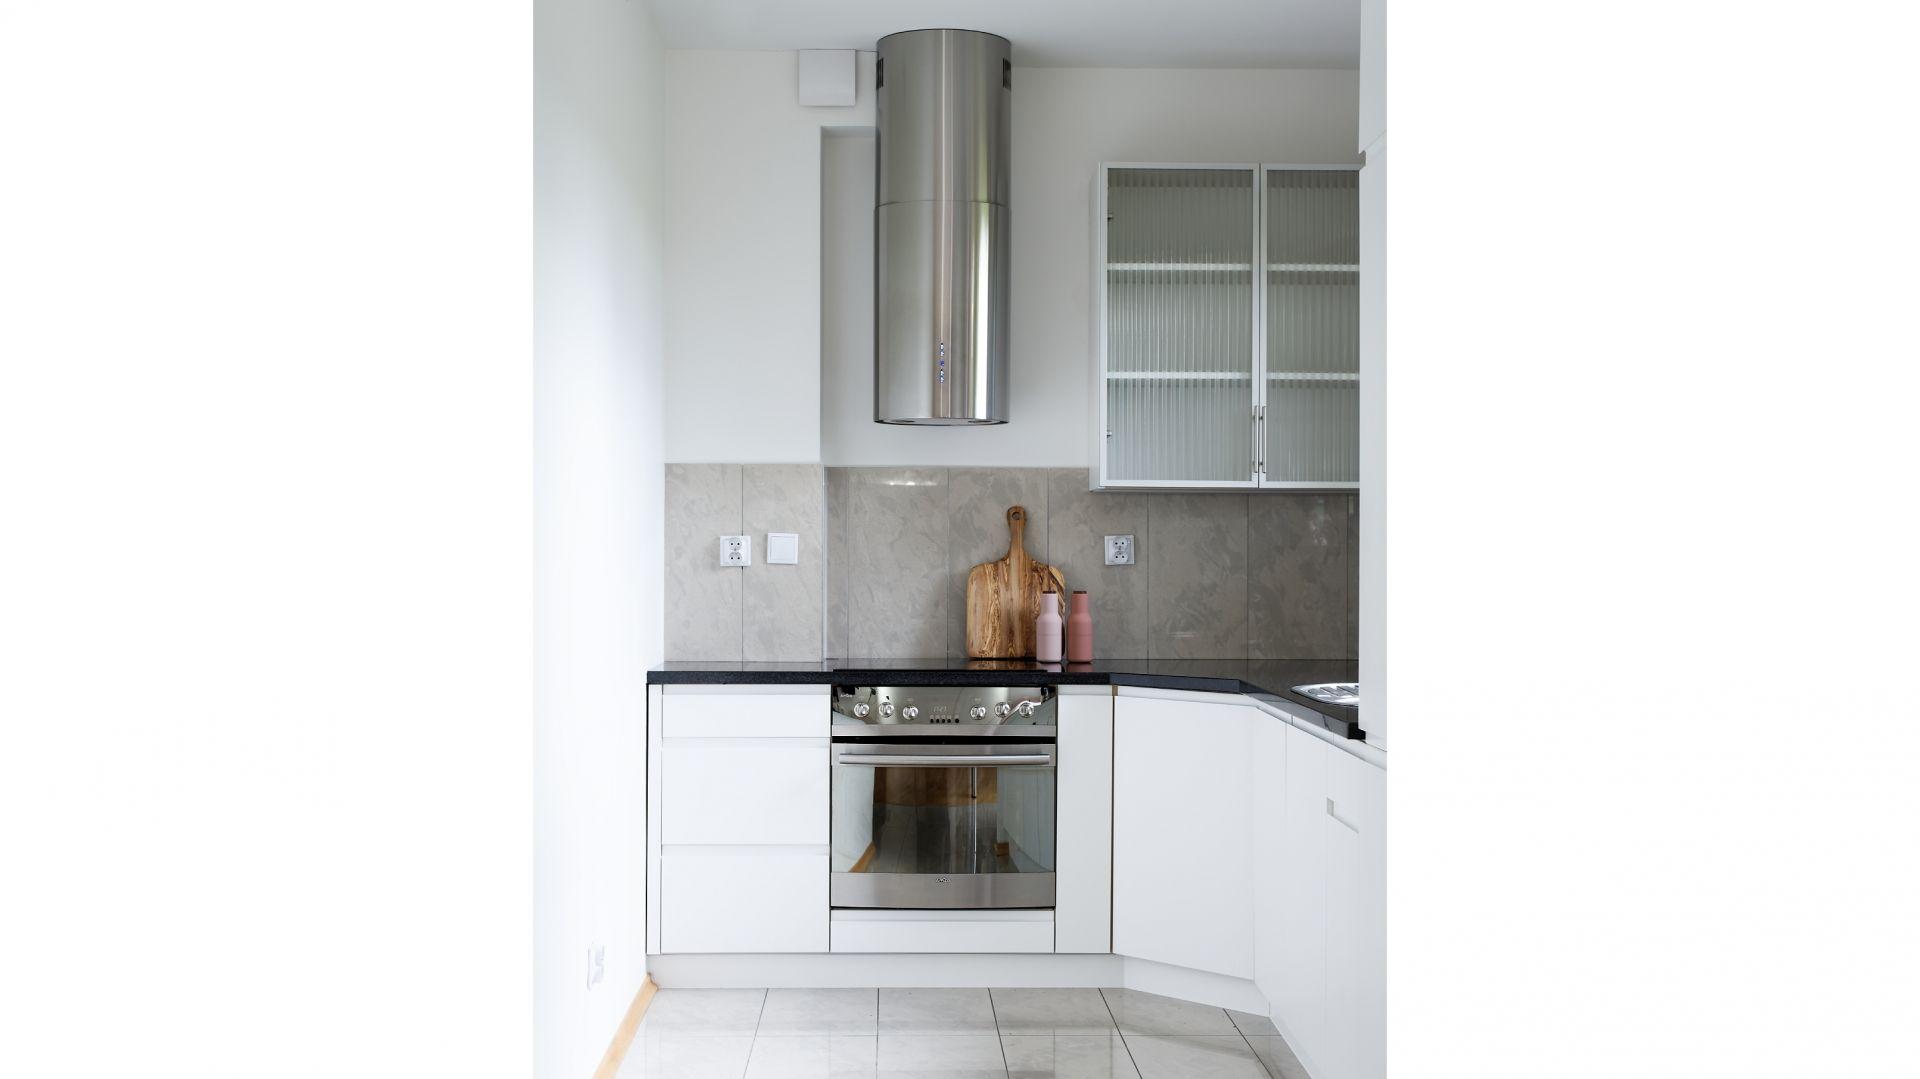 Niewielka kuchnia umieszczona została we wnęce, dzięki czemu nie widać jej z salonu. Projekt: Aleksandra Sowińska. Fot. Radek Słowik